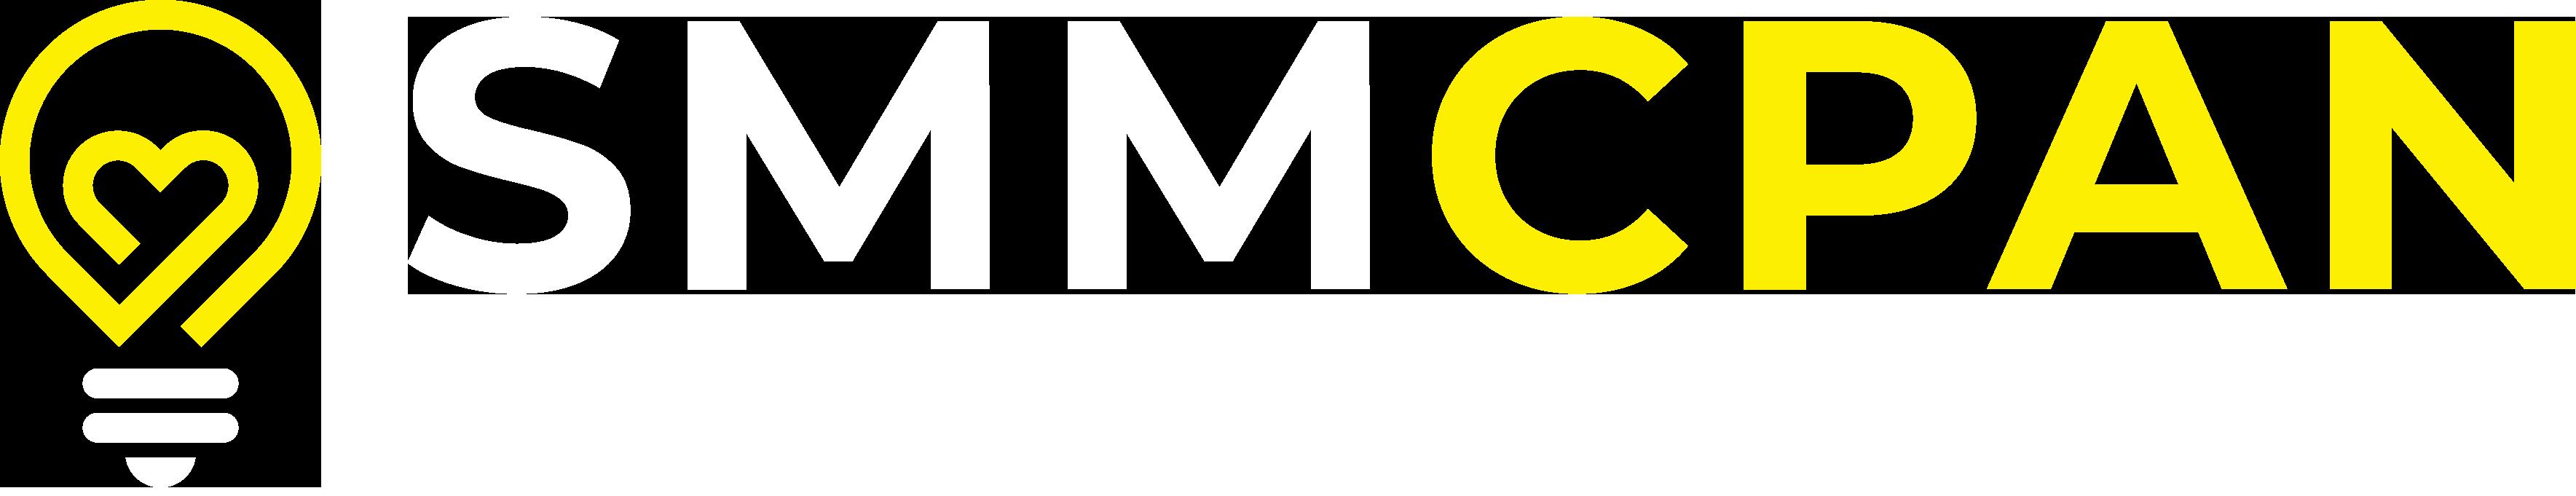 SmmCpan